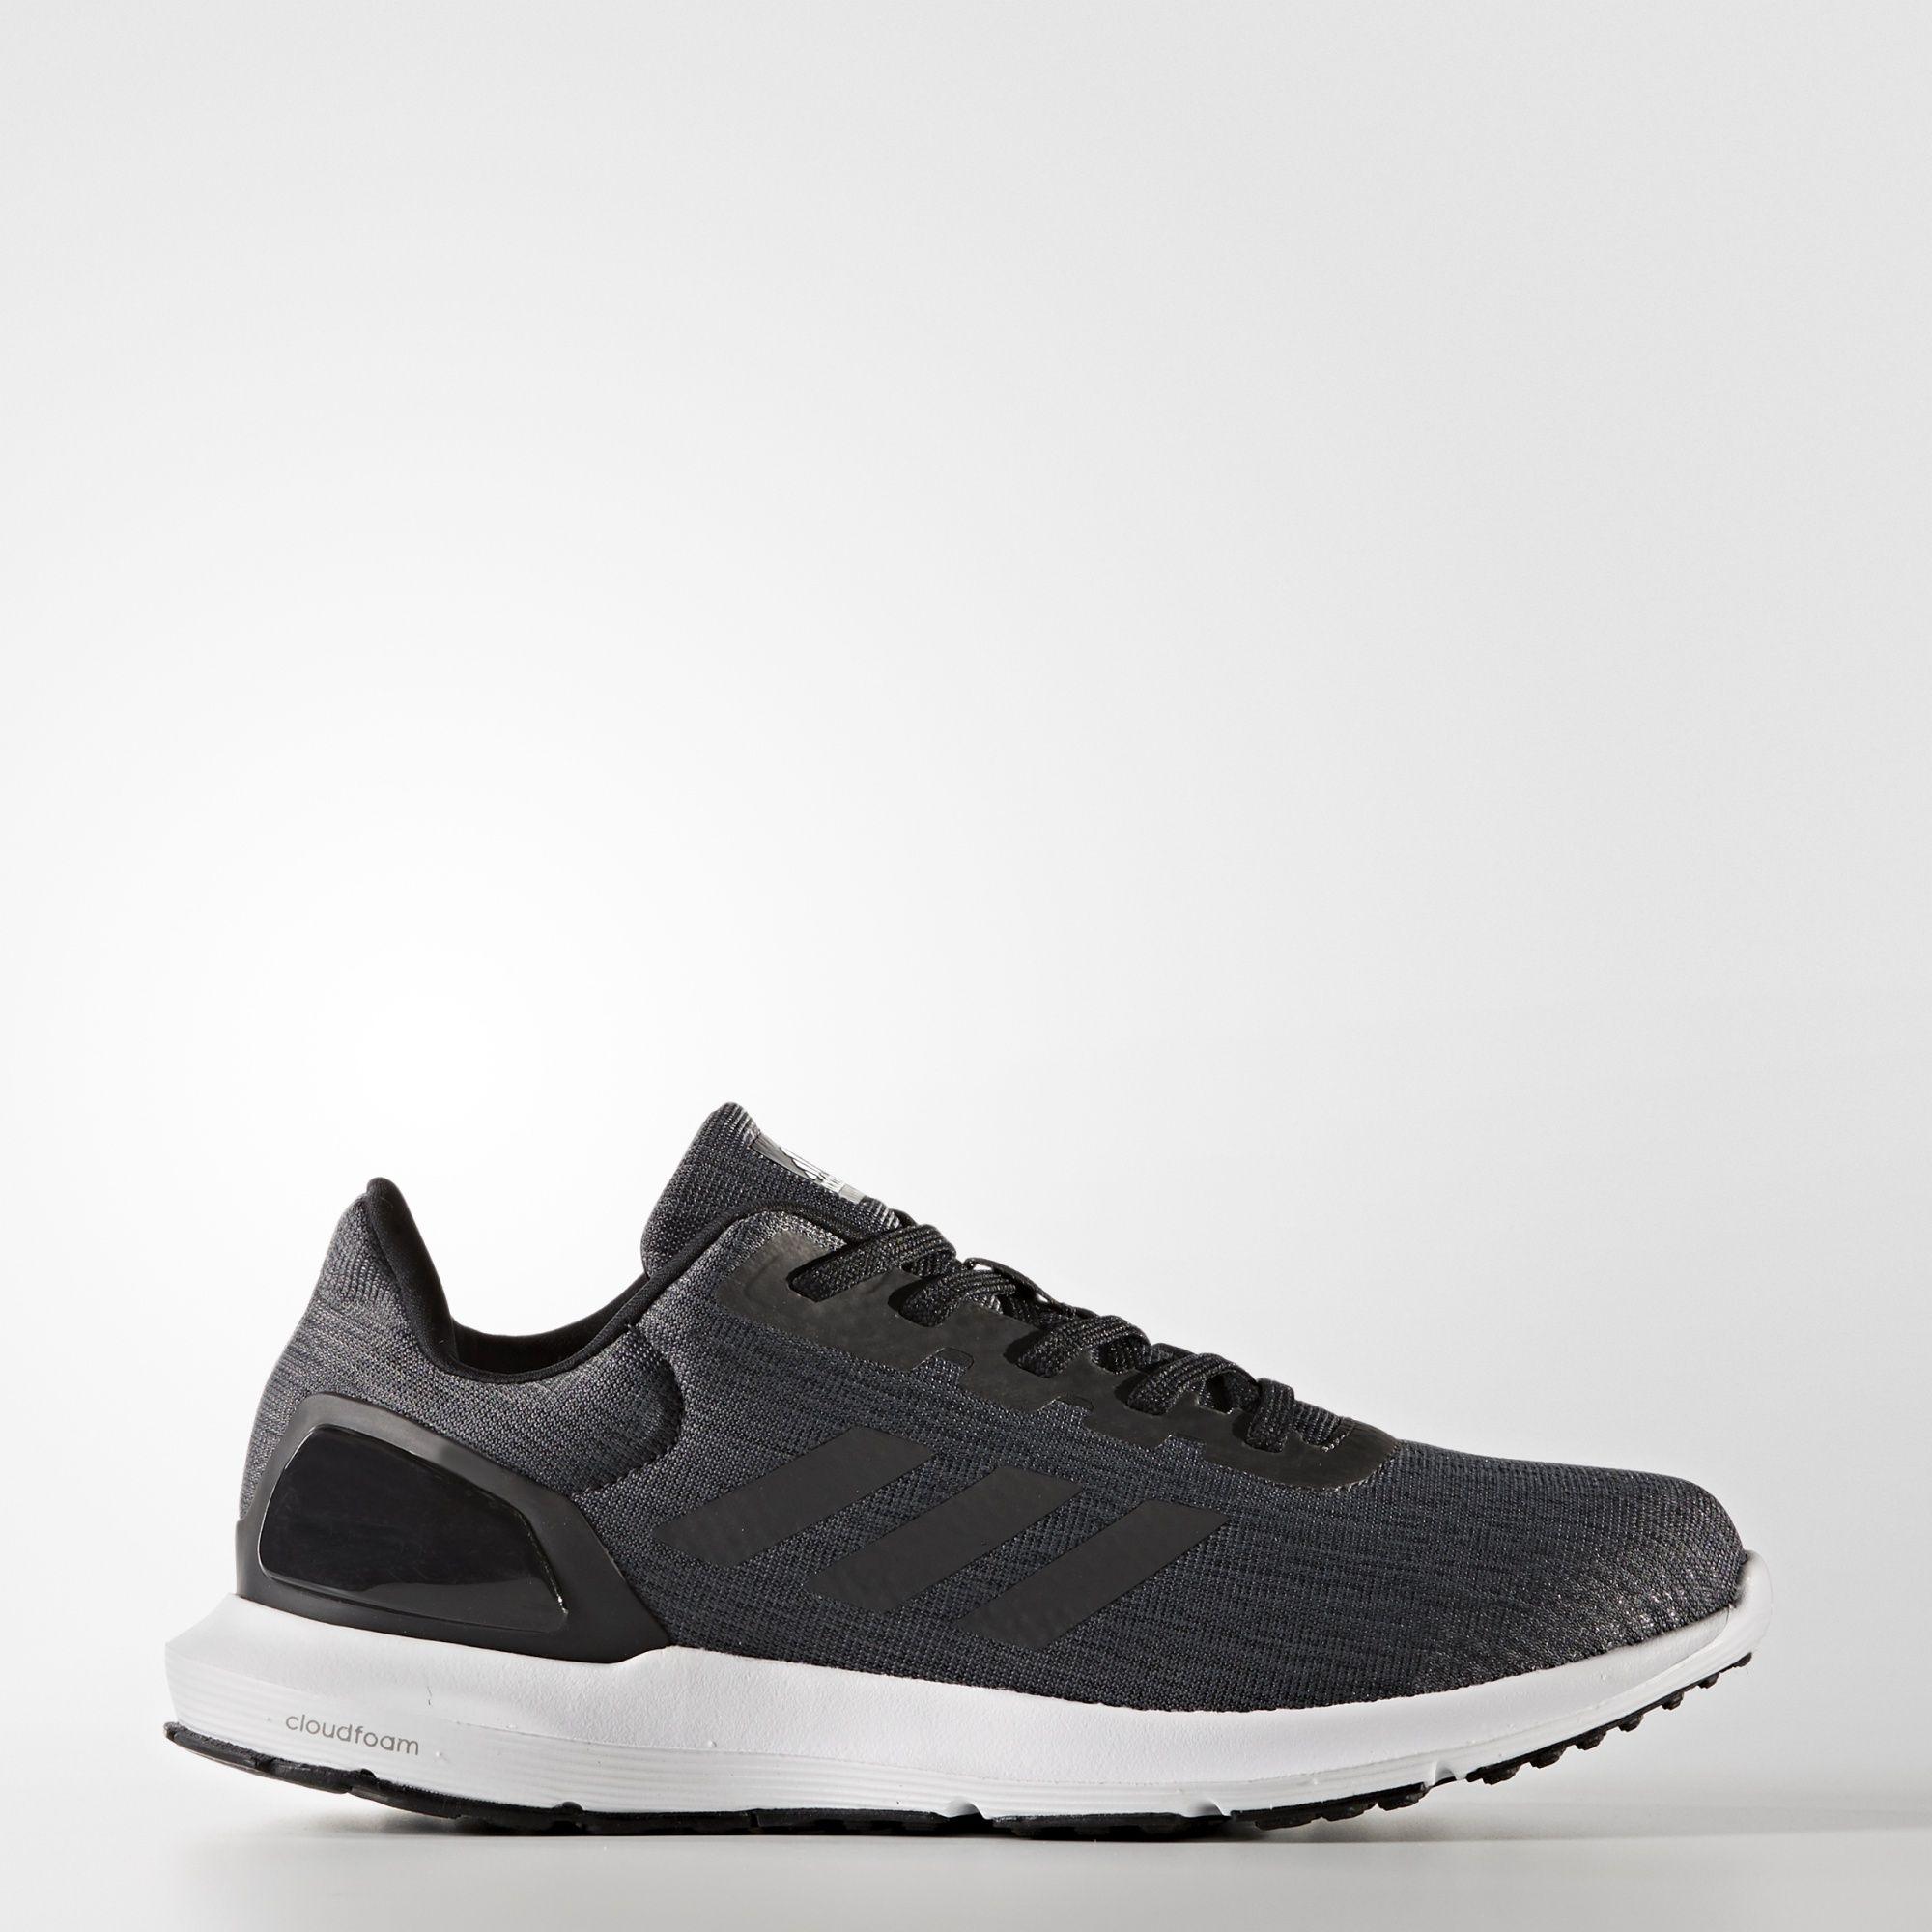 Estas zapatillas ofrecen de running para mujer ofrecen zapatillas la sensación de 112ae3